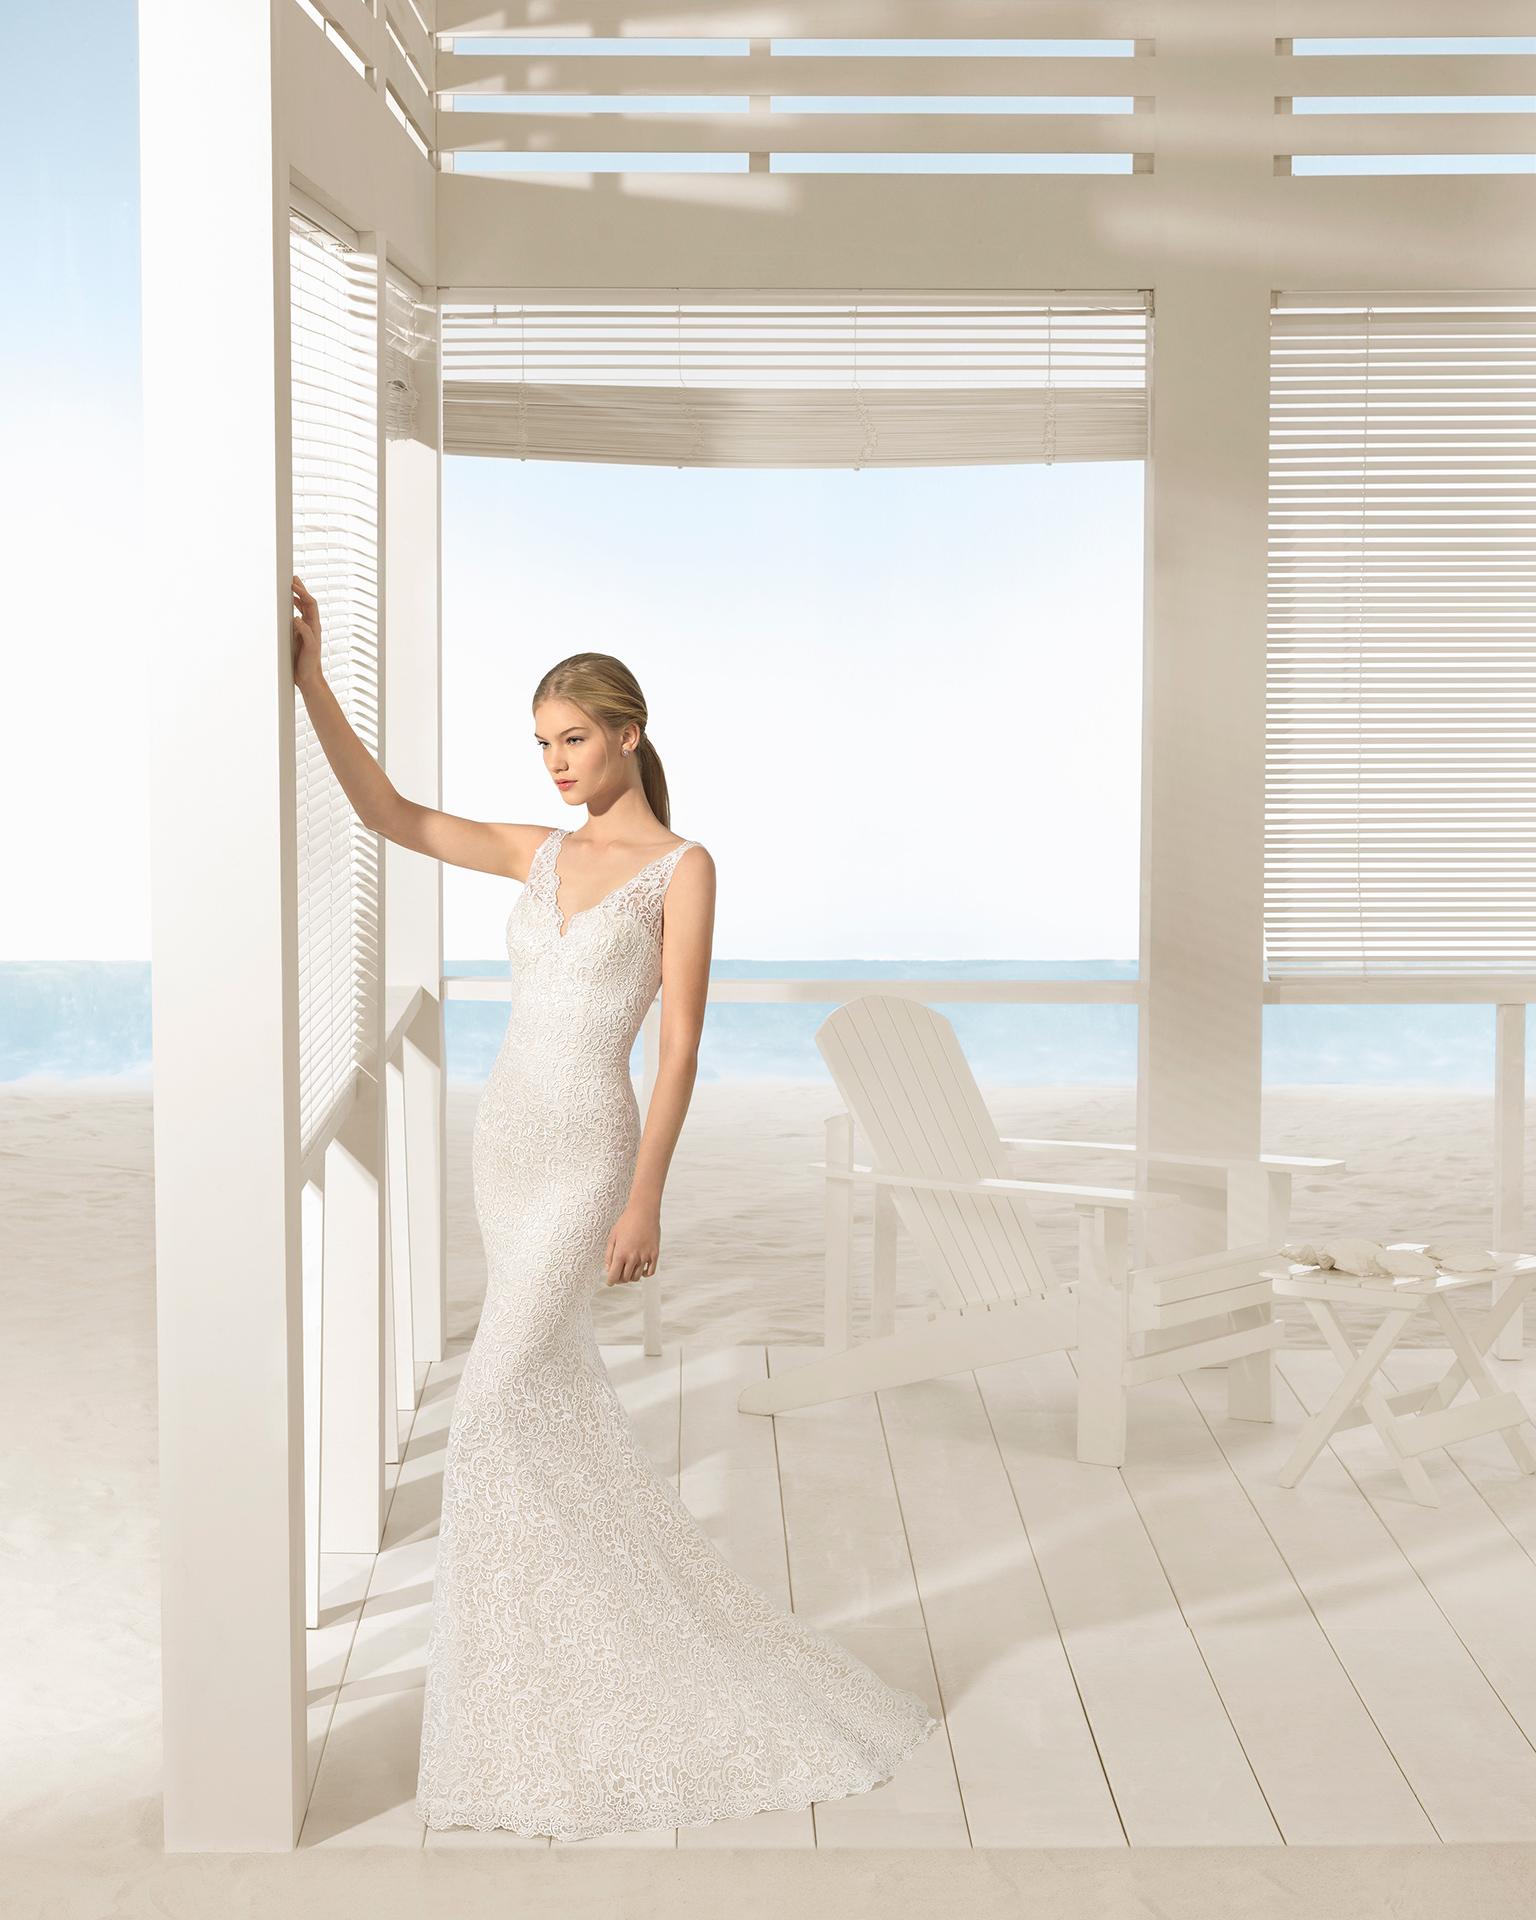 象牙色美人鱼风格低背凸纹花边蕾丝新娘婚纱。